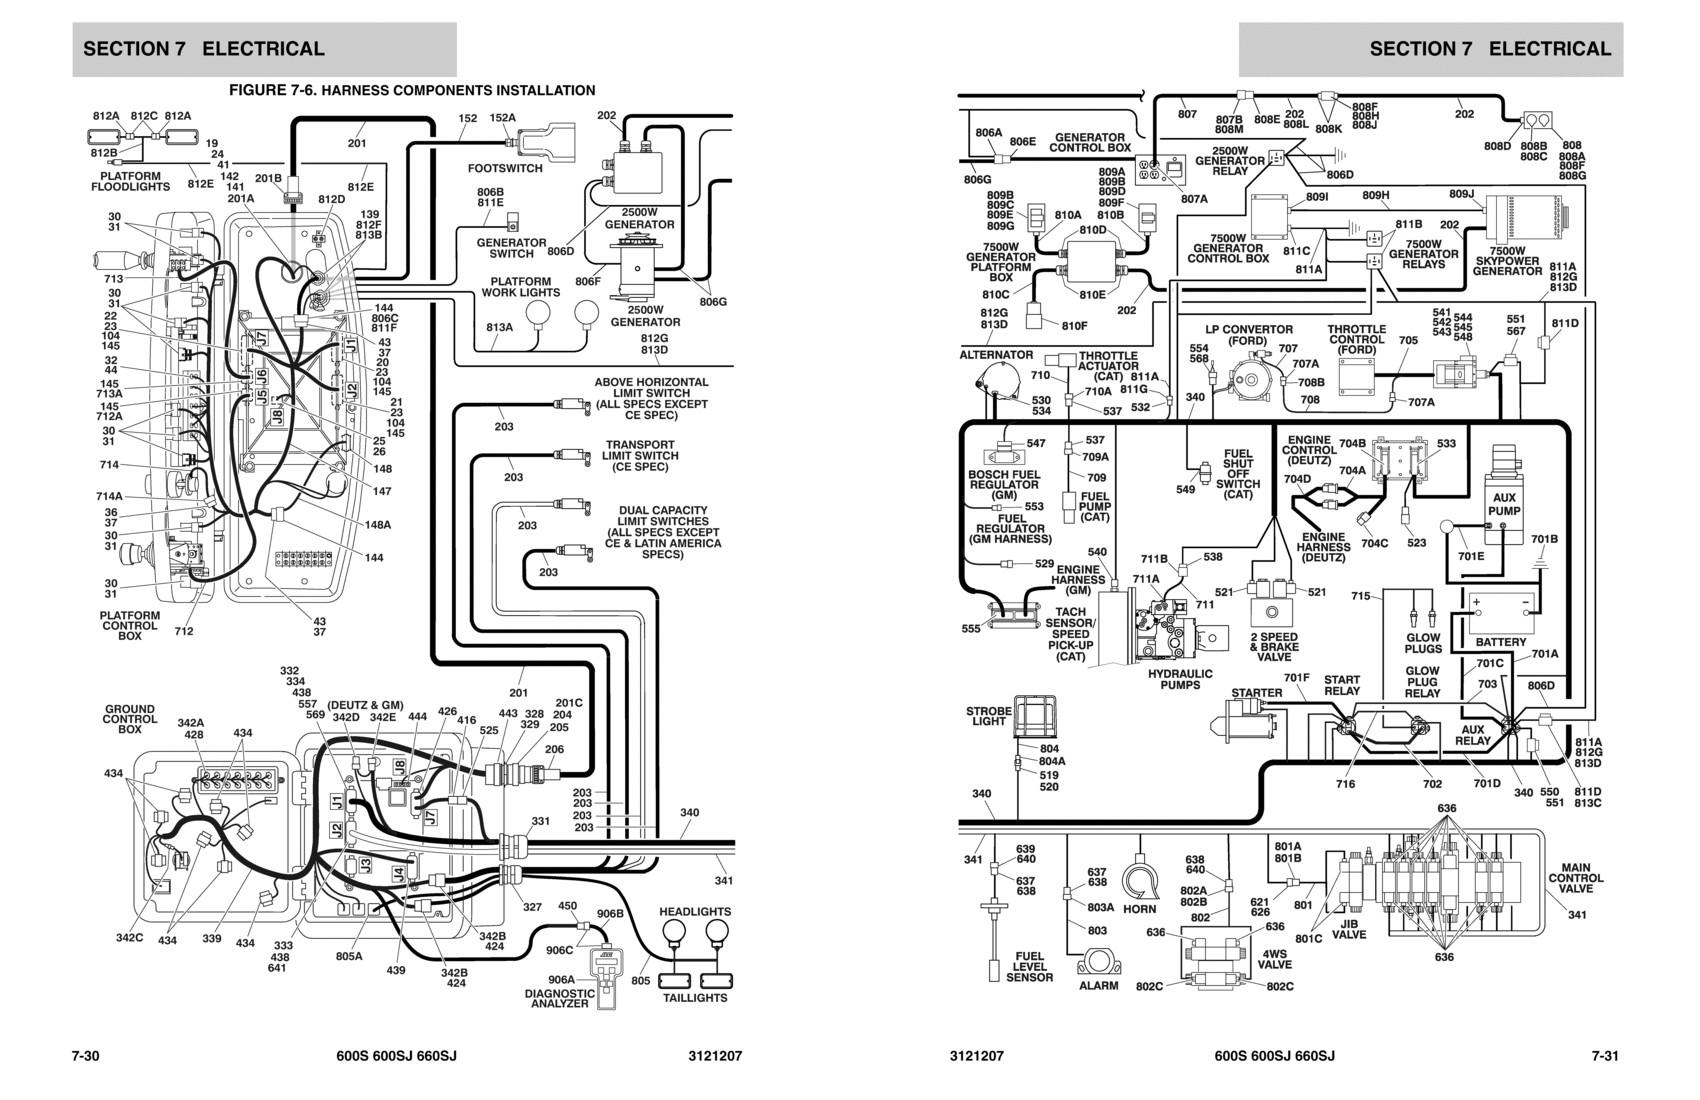 En Genie Lift Wiring Diagram Wiring Diagram